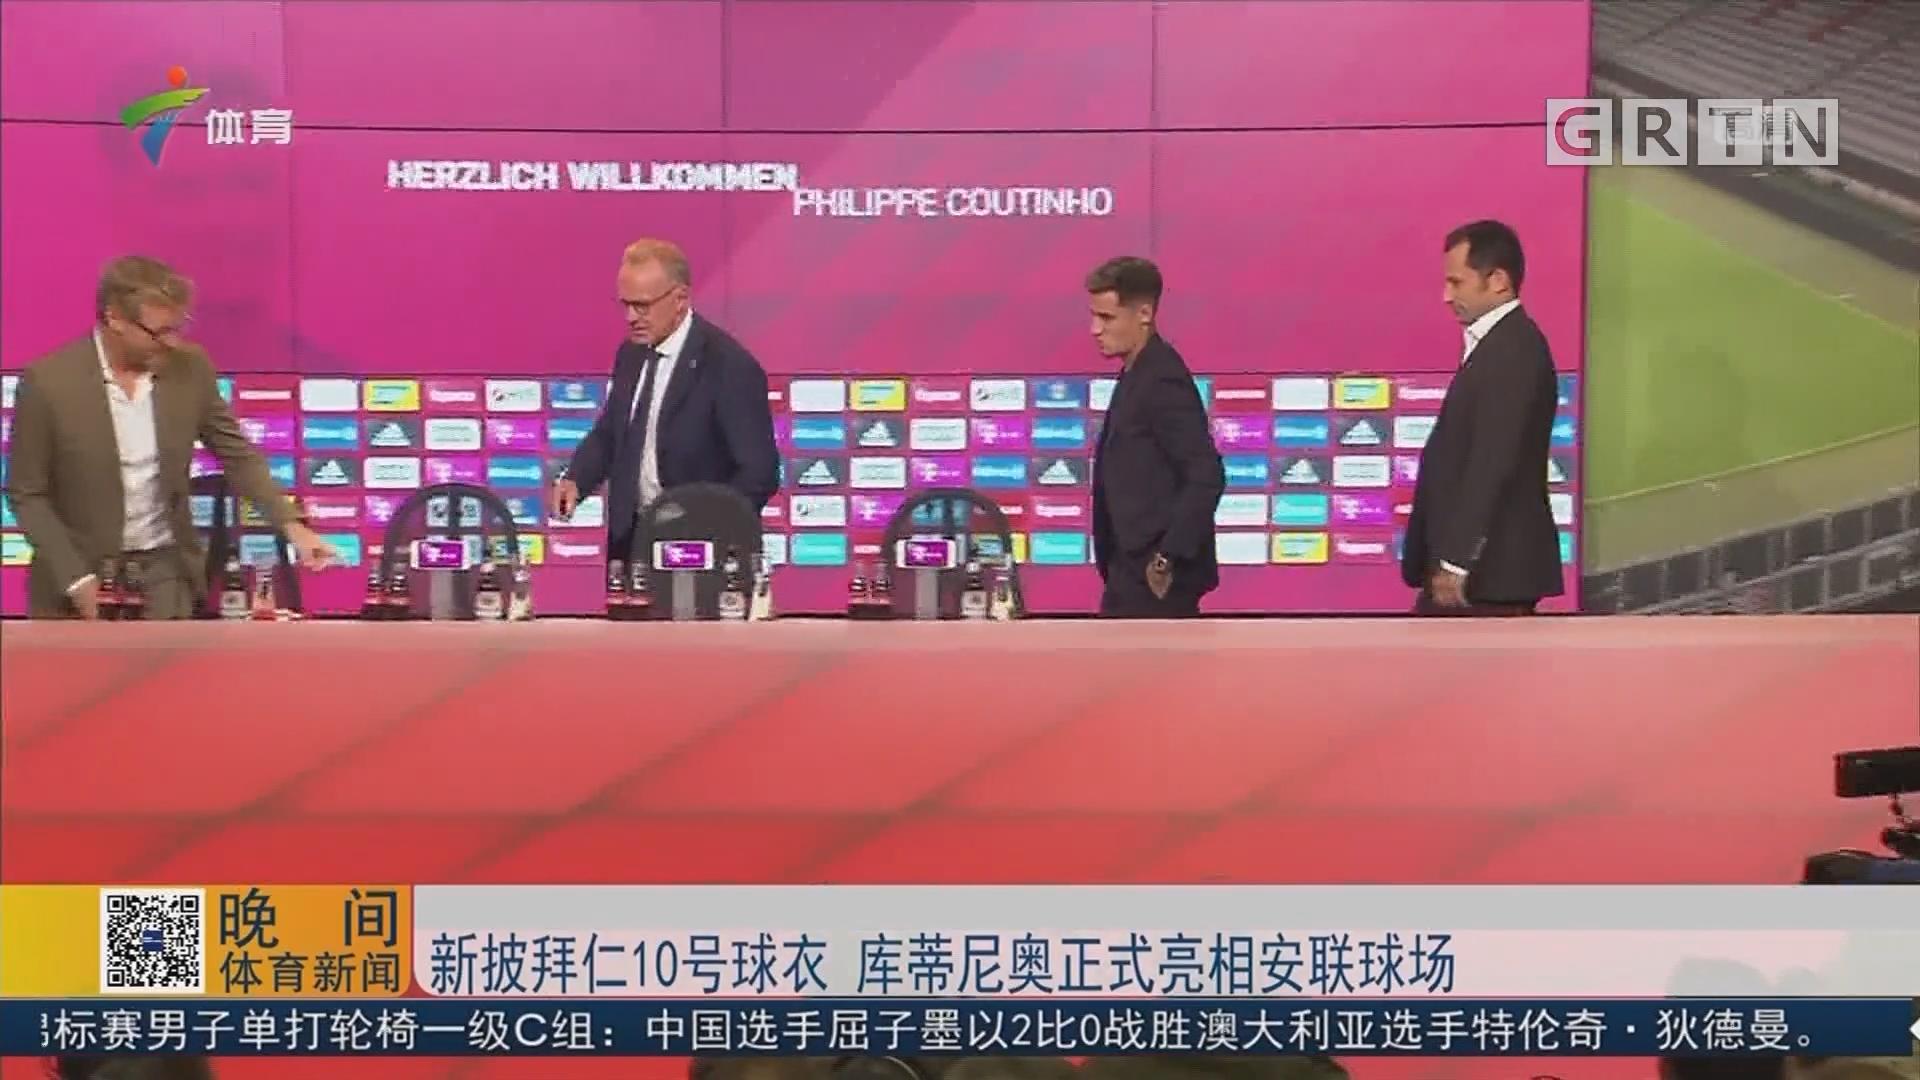 新披拜仁10号球衣 库蒂尼奥正式亮相安联球场